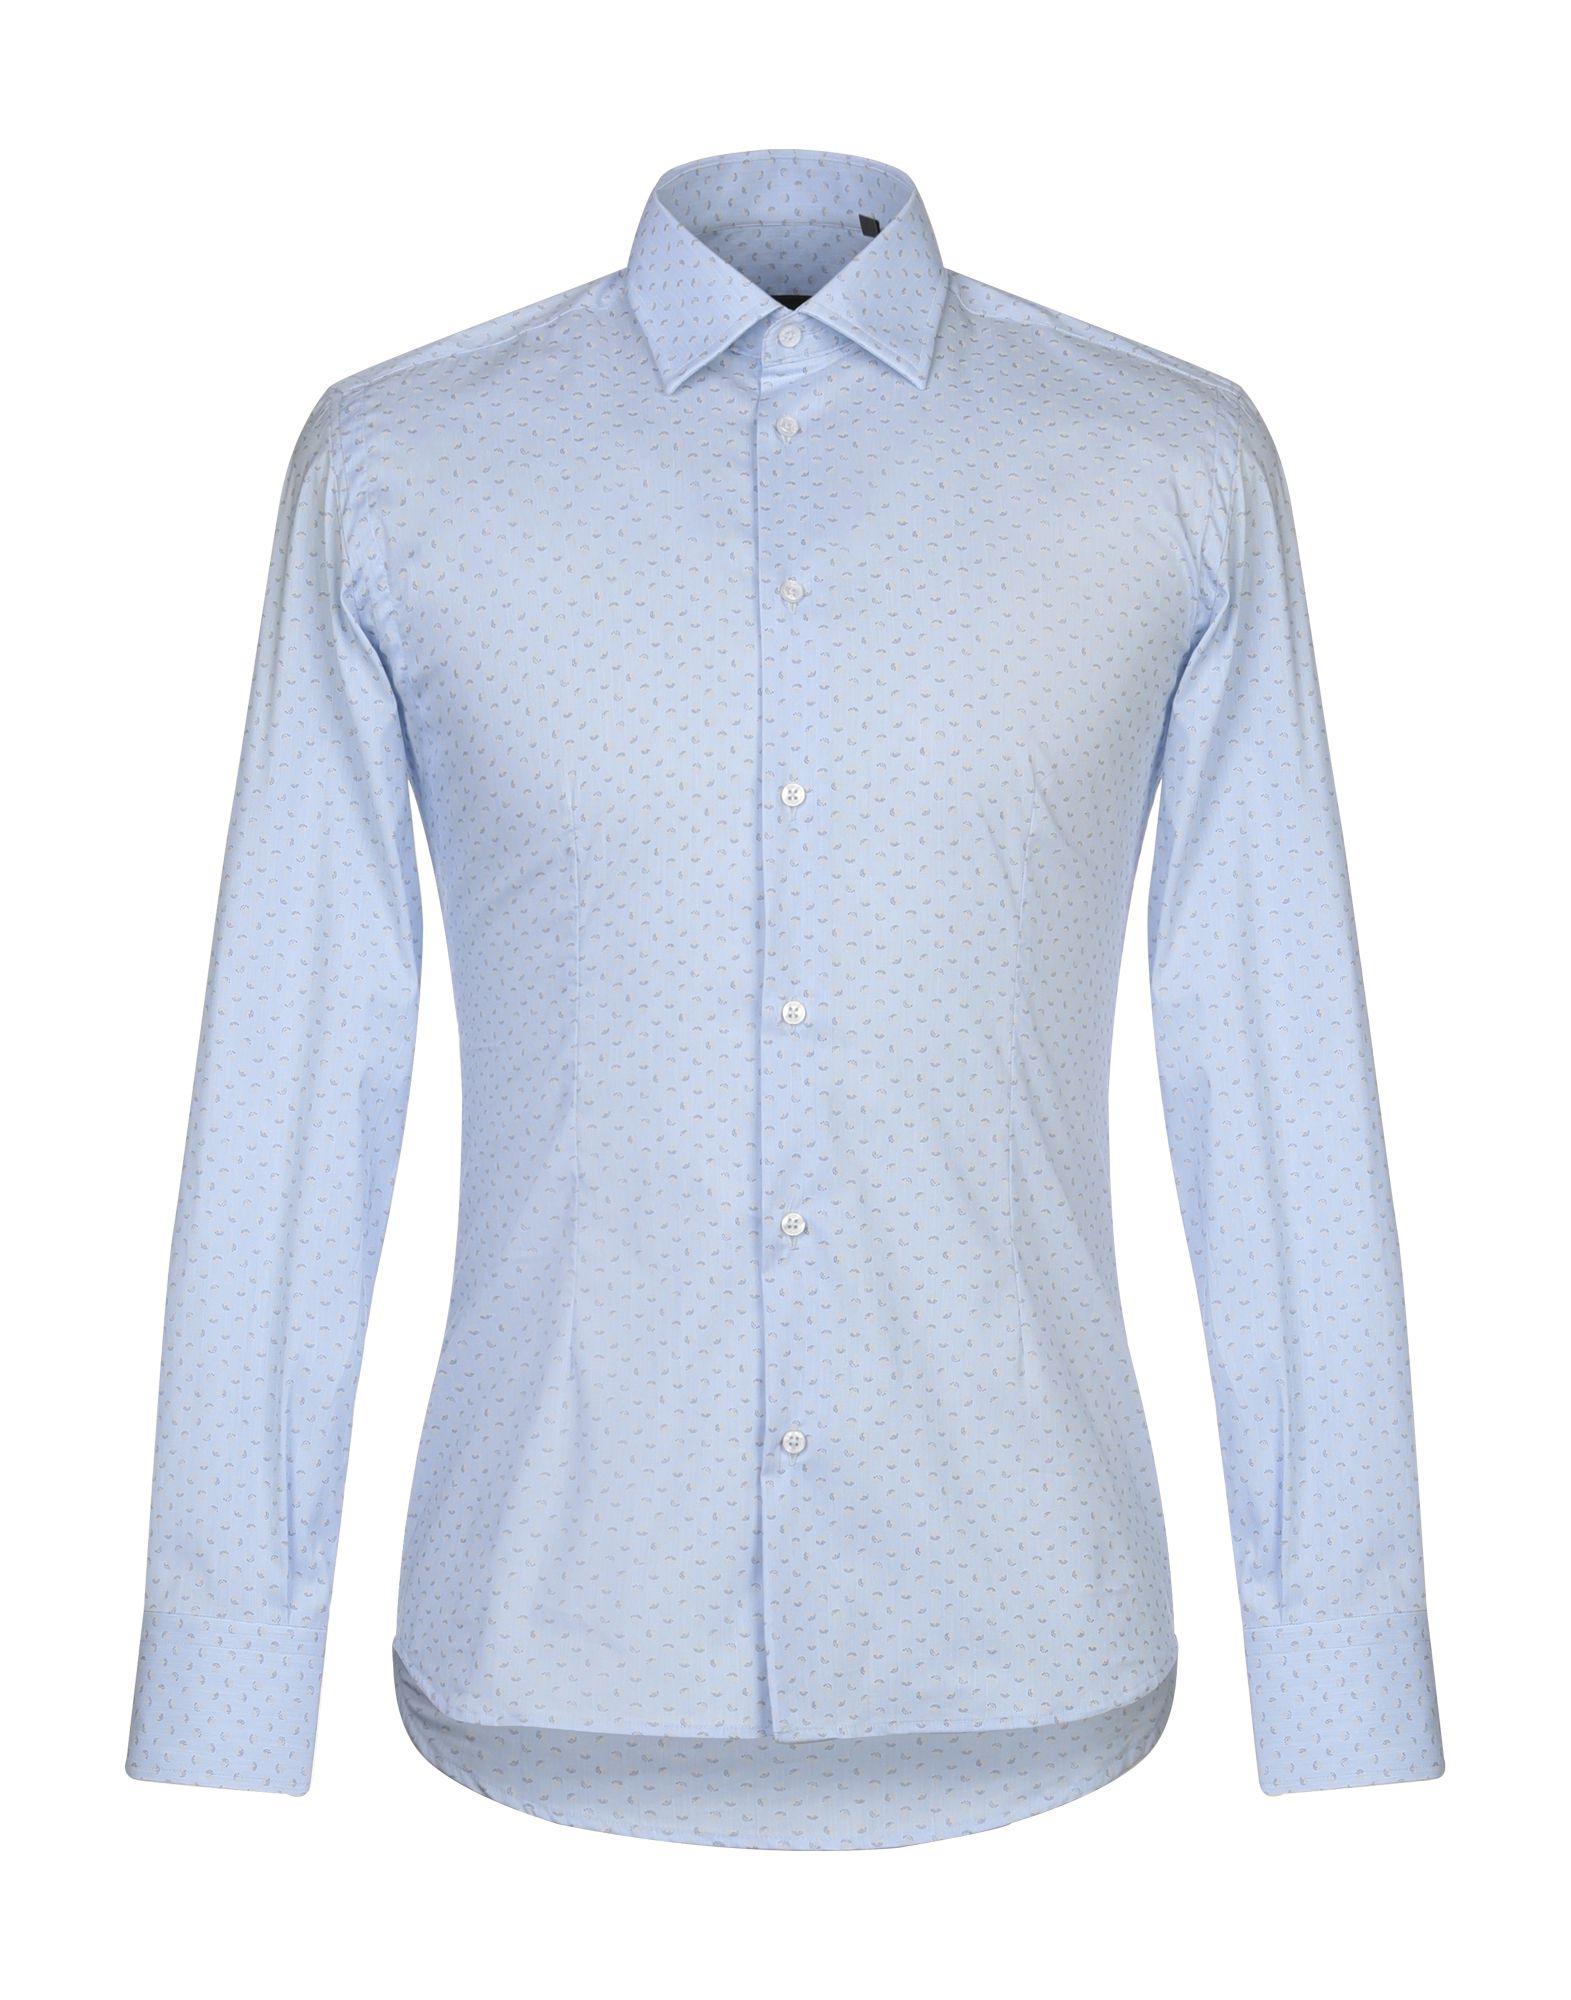 《期間限定セール開催中!》EREDI DEL DUCA メンズ シャツ アジュールブルー S コットン 72% / ナイロン 25% / ポリウレタン 3%